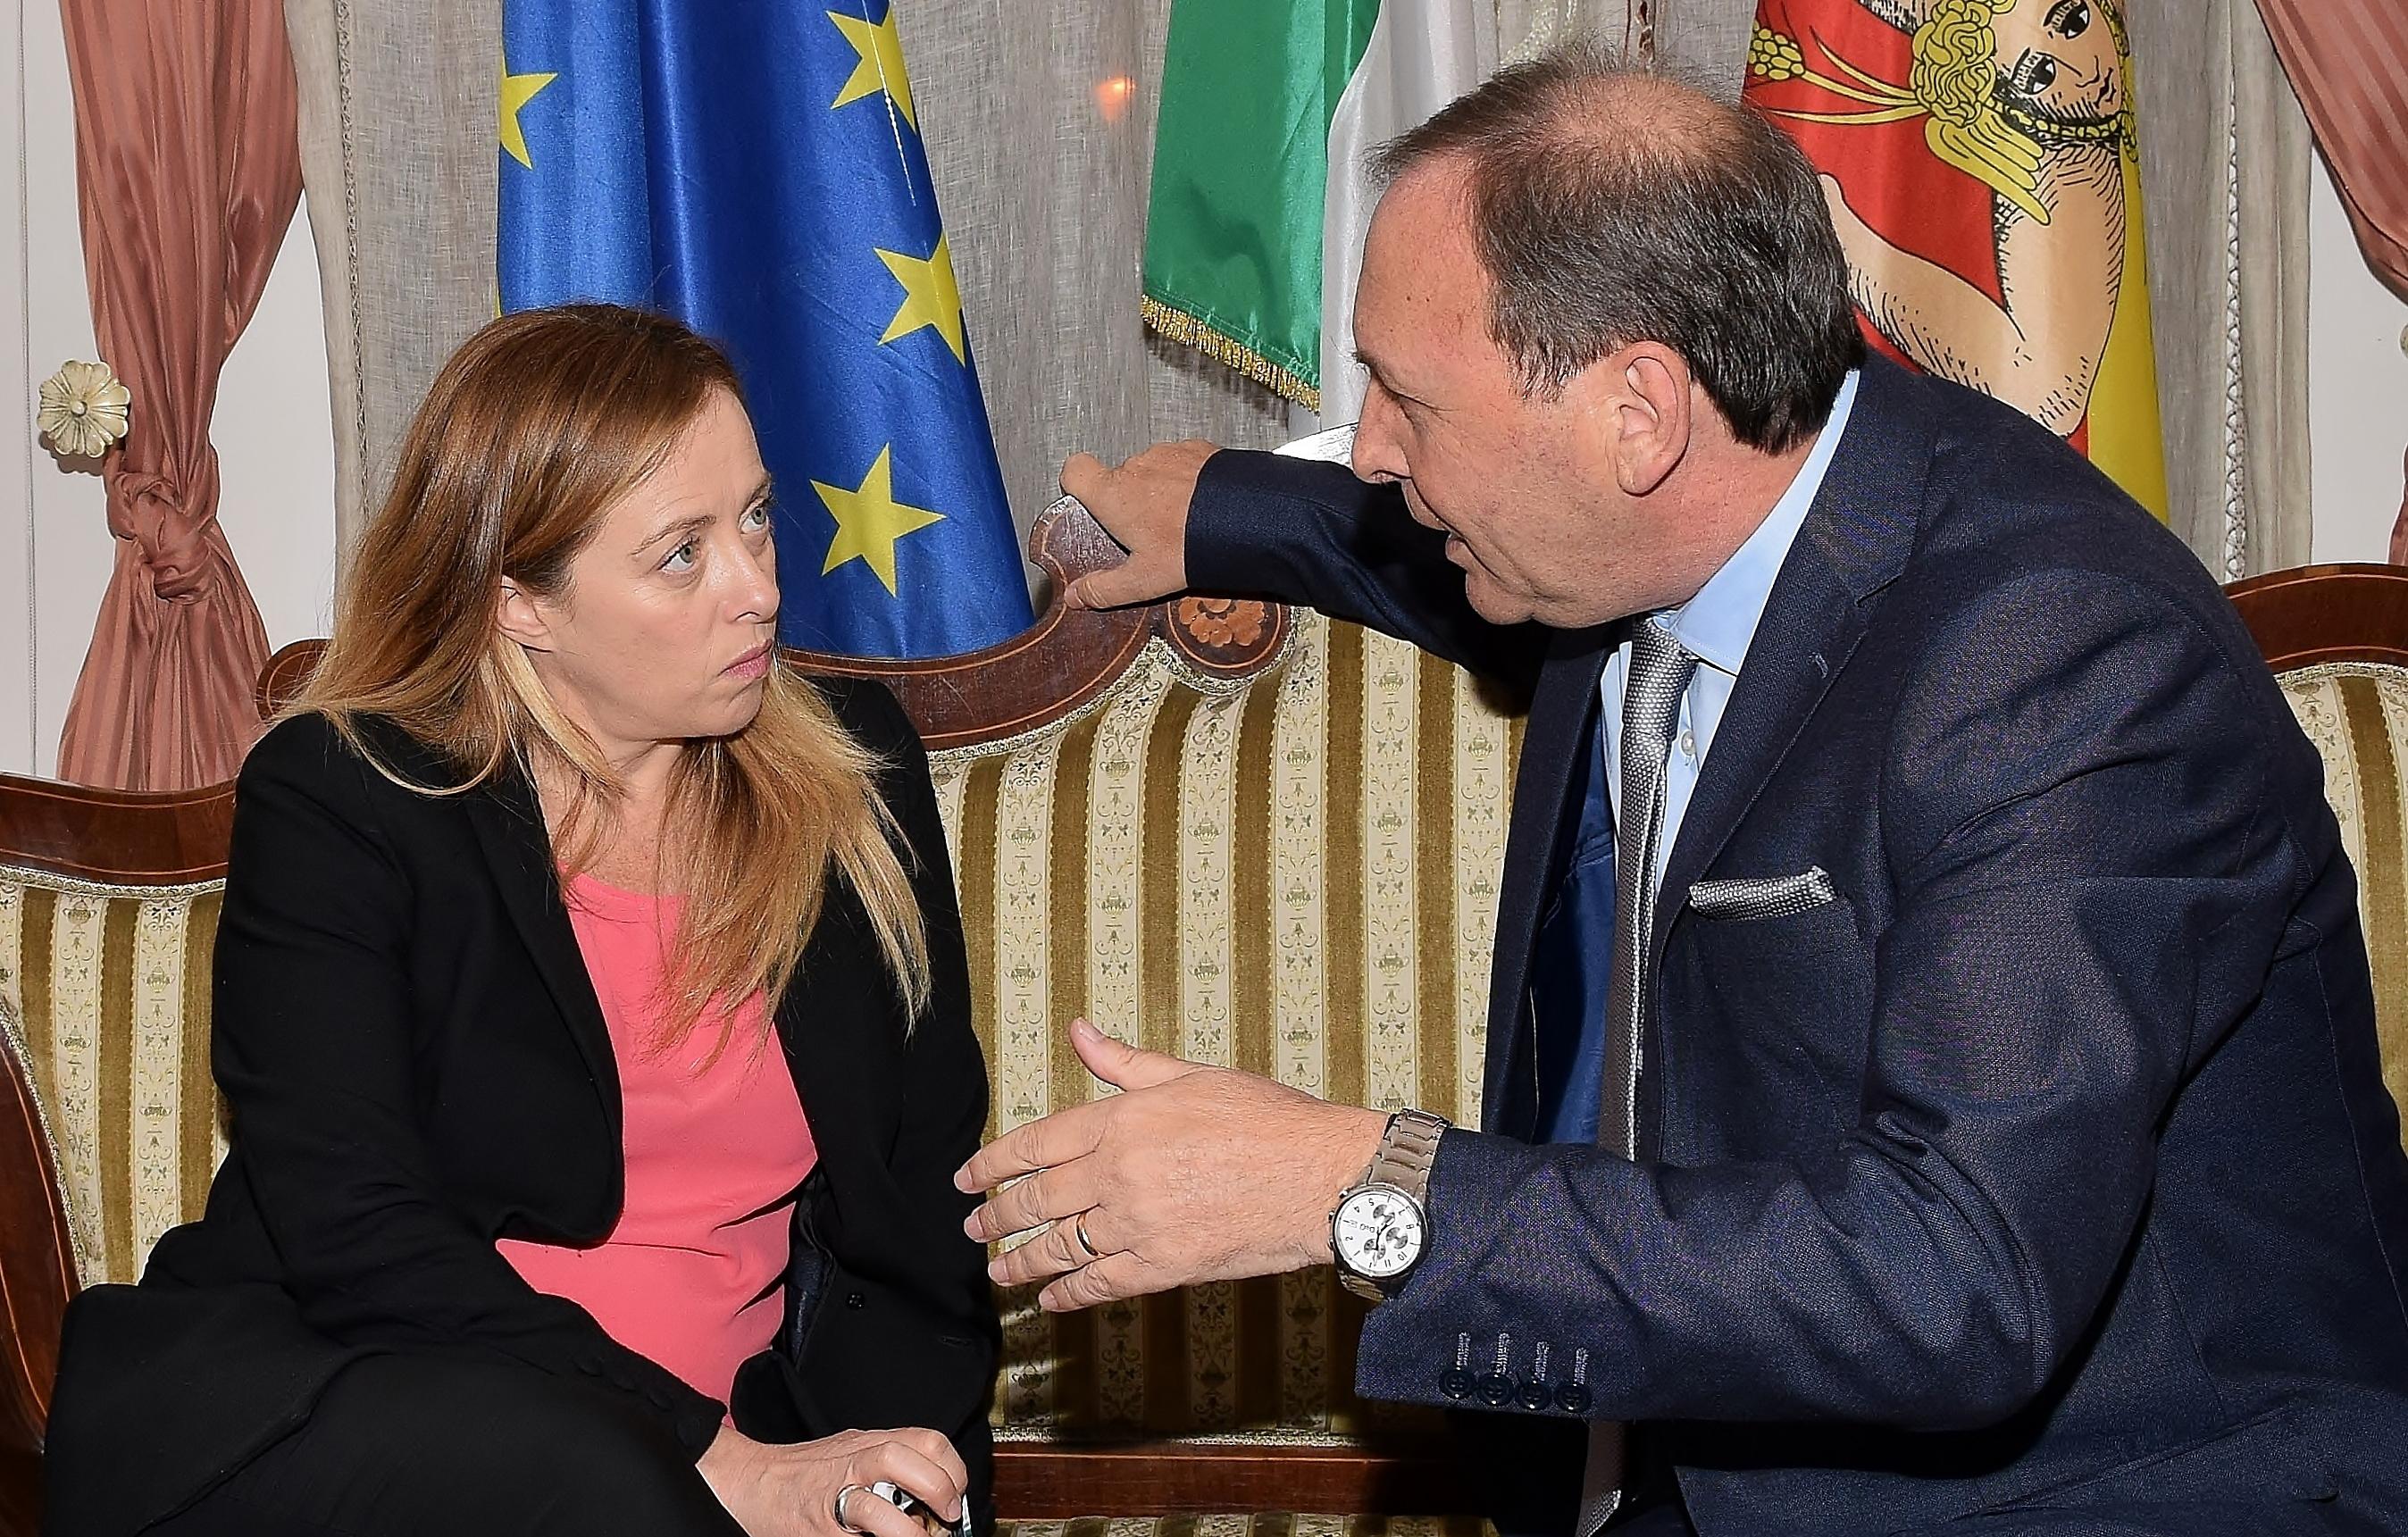 Giorgia Meloni durante il colloquio con il sindaco di Paternò Nino Naso. (Foto: A. Carobene)